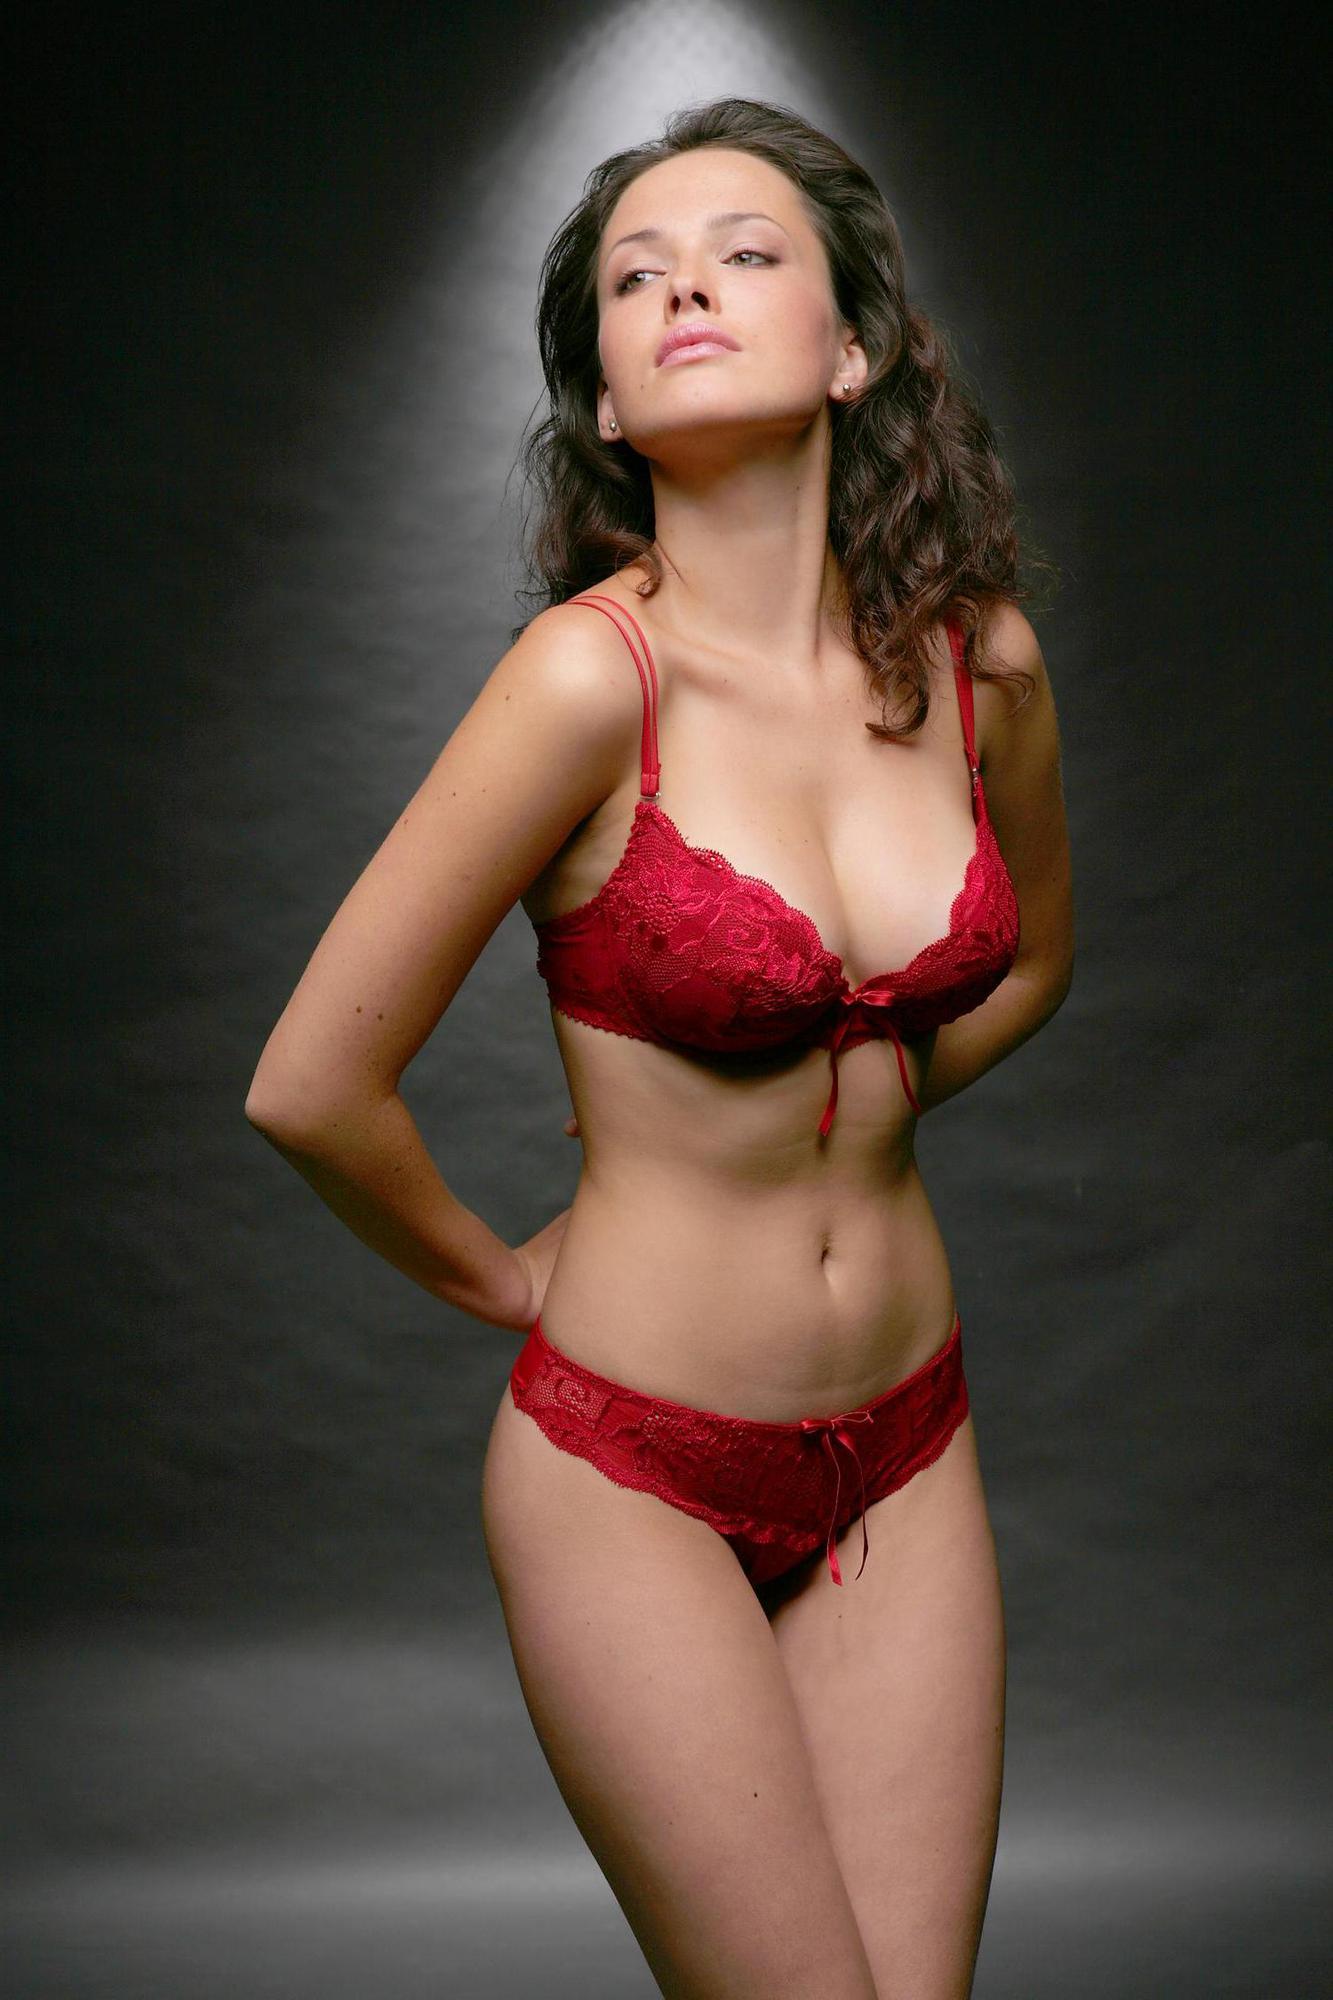 Астафьева секси фото